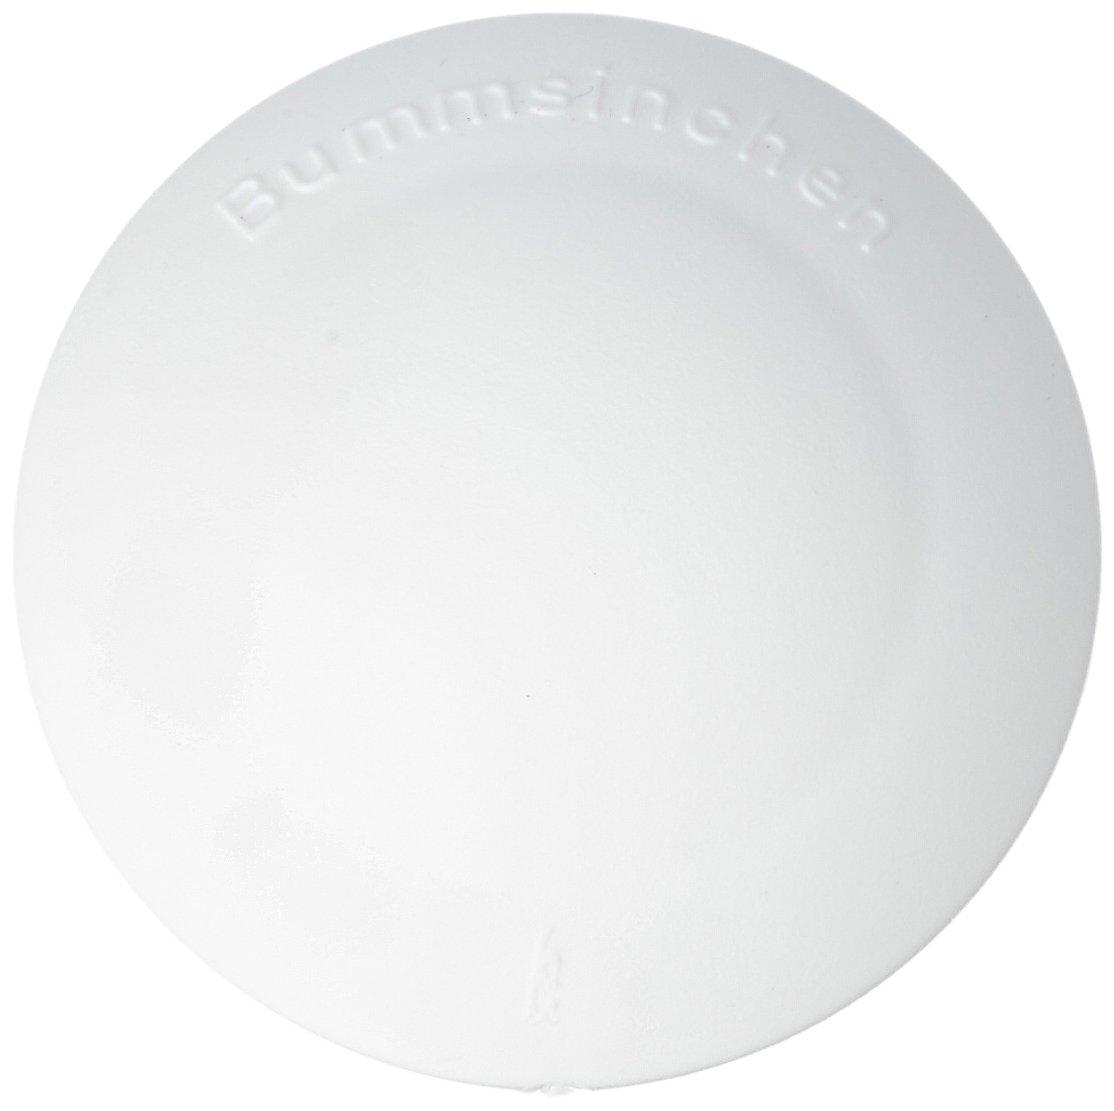 HSI 664176.0 T/ürstopper Halbkugel Kunststoff wei/ß 32mm 8 St St/ück